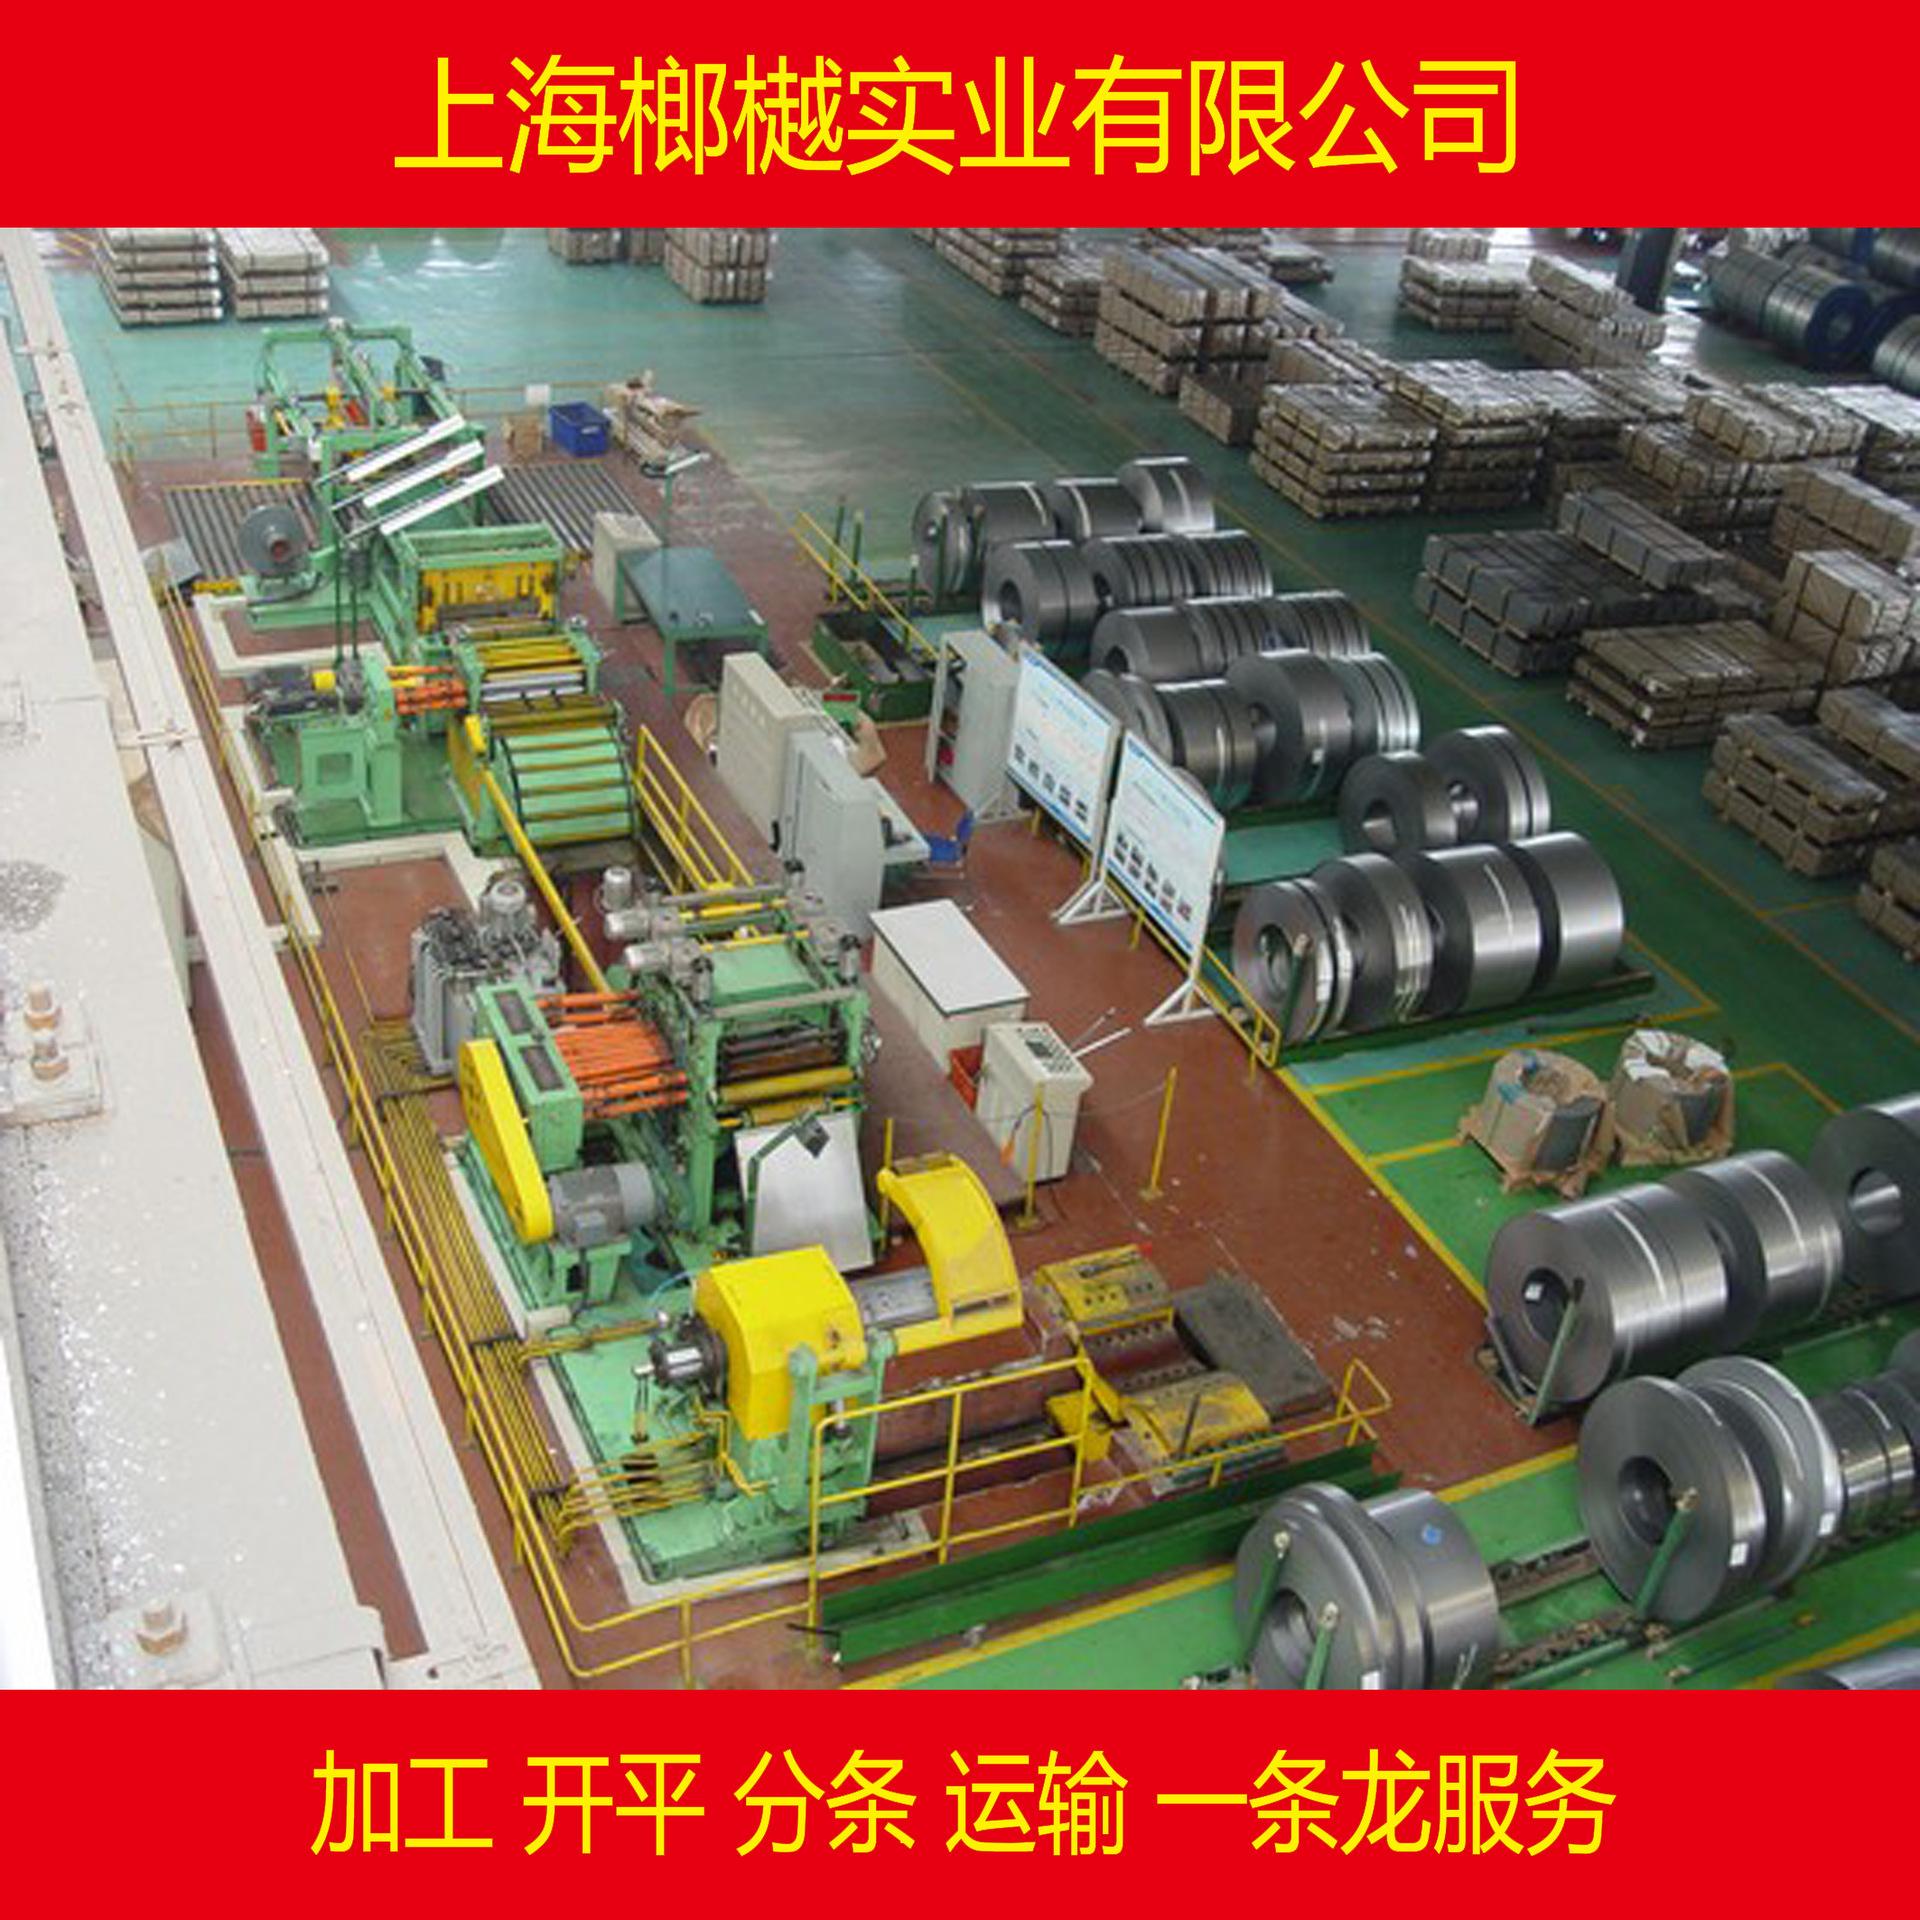 Hiện trường các nhà sản xuất BLD tấm thép cán nguội volume surface chất lượng tốt nhưng BLD tấm thép